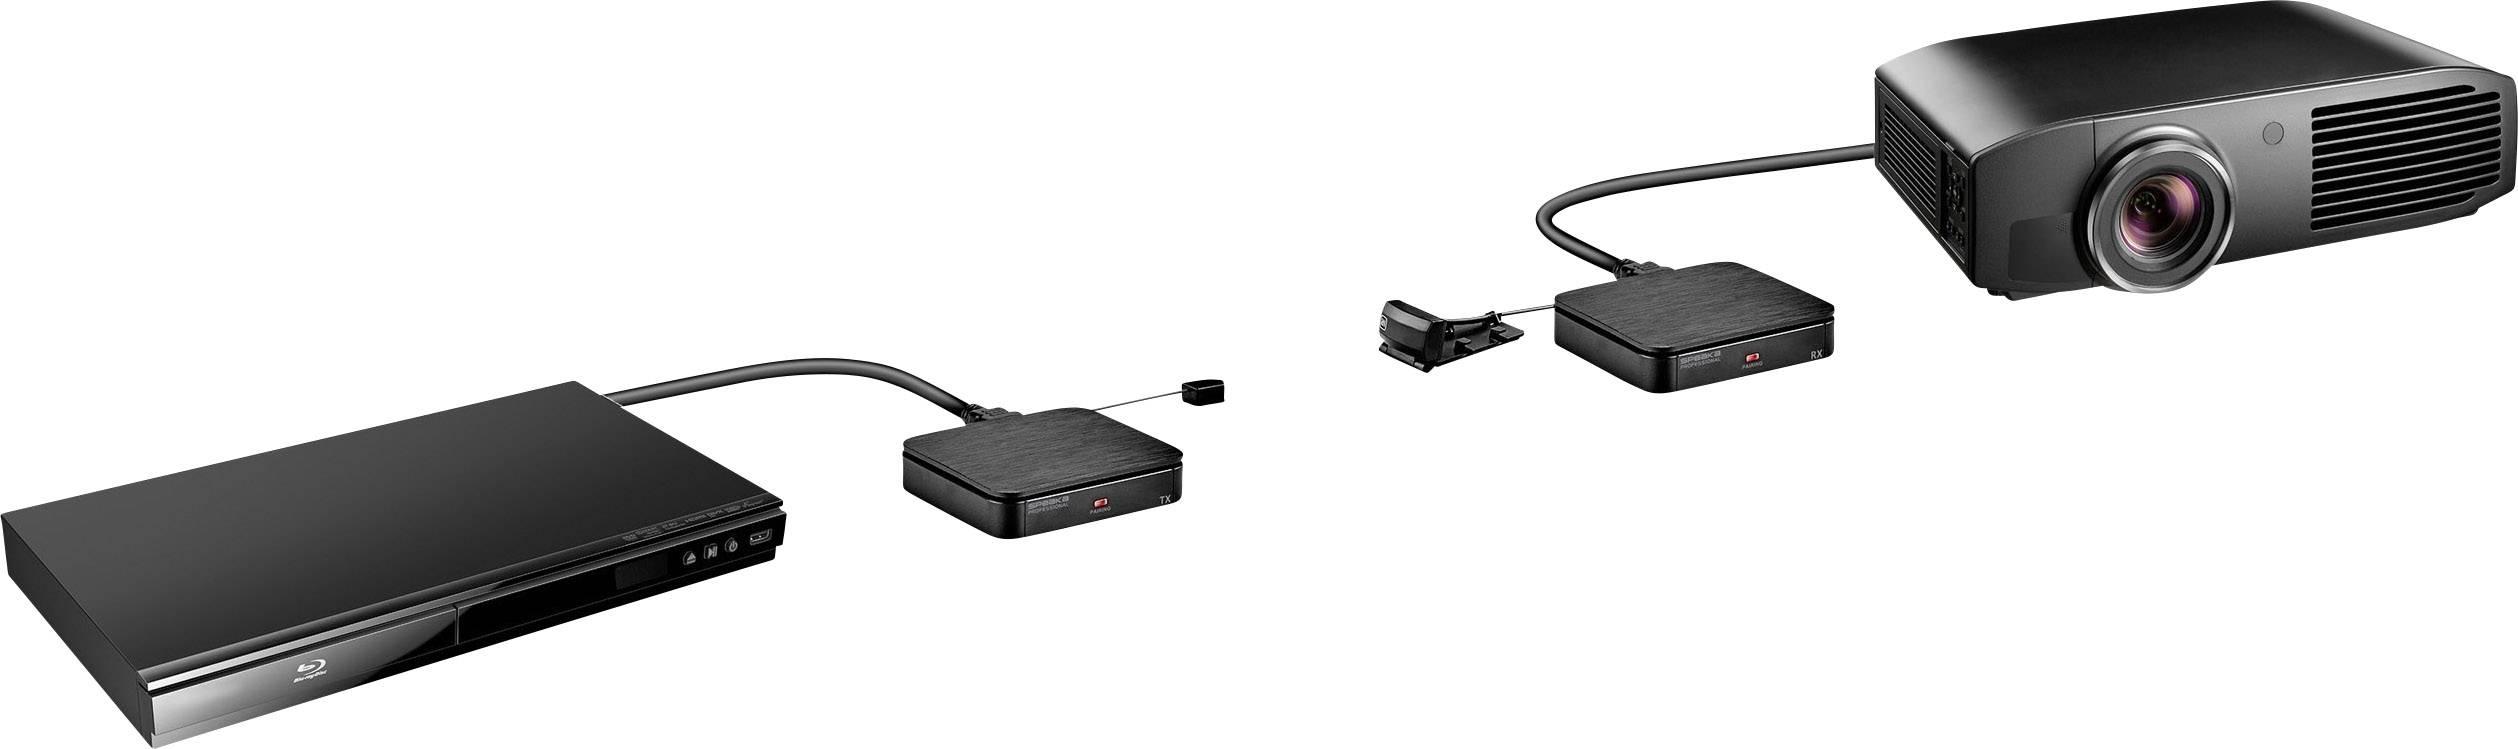 SpeaKa Professional SP-HDFS-04 HDMI naprava za brezžični prenos (komplet) 30 m 2.4 GHz 1920 x 1080 piksel